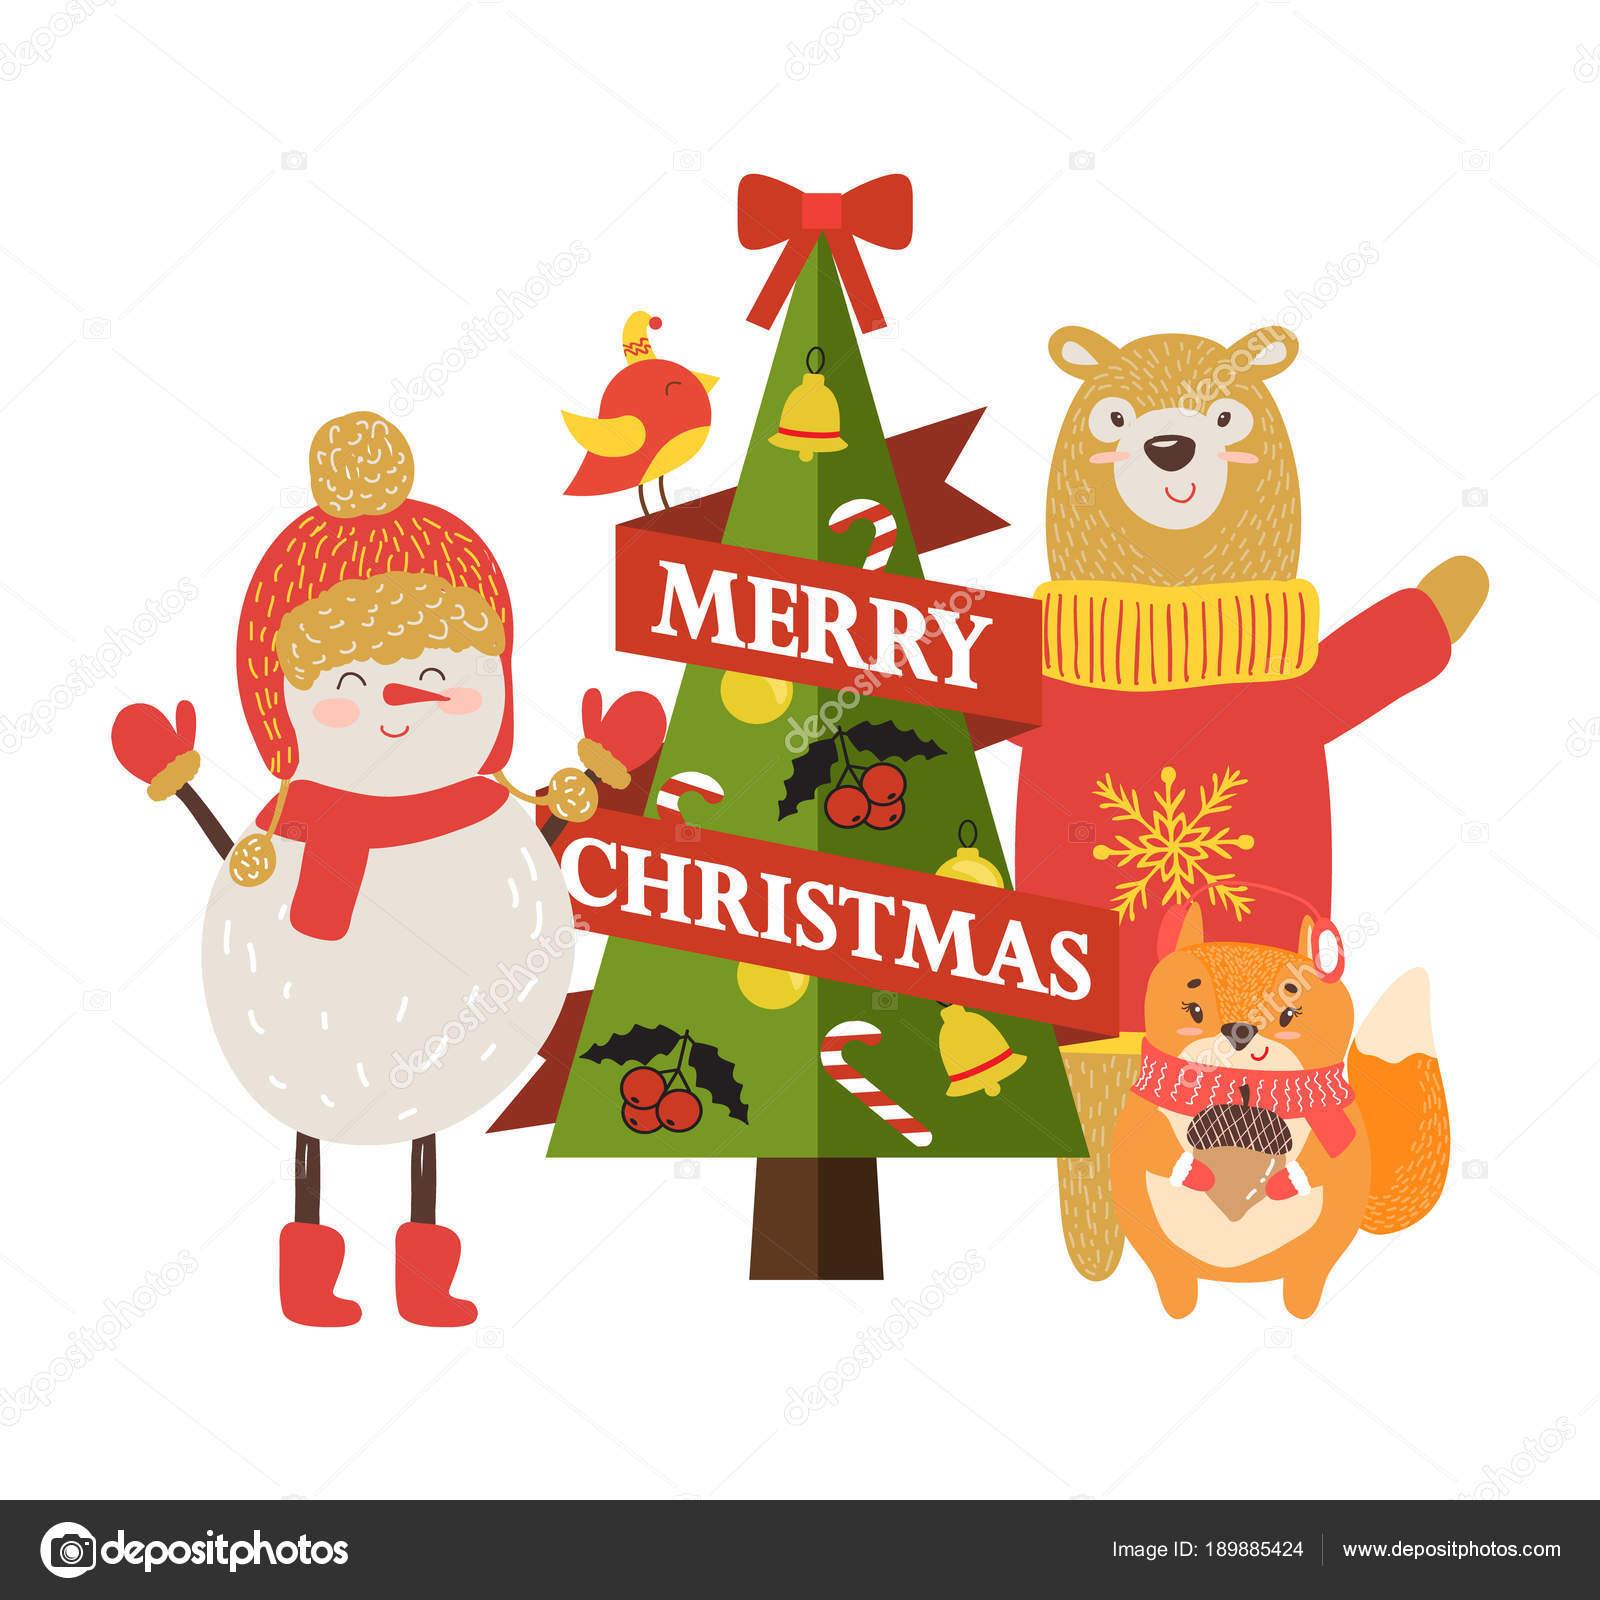 Comic Frohe Weihnachten.Frohe Weihnachten Postkarte Mit Comic Figuren Stockvektor